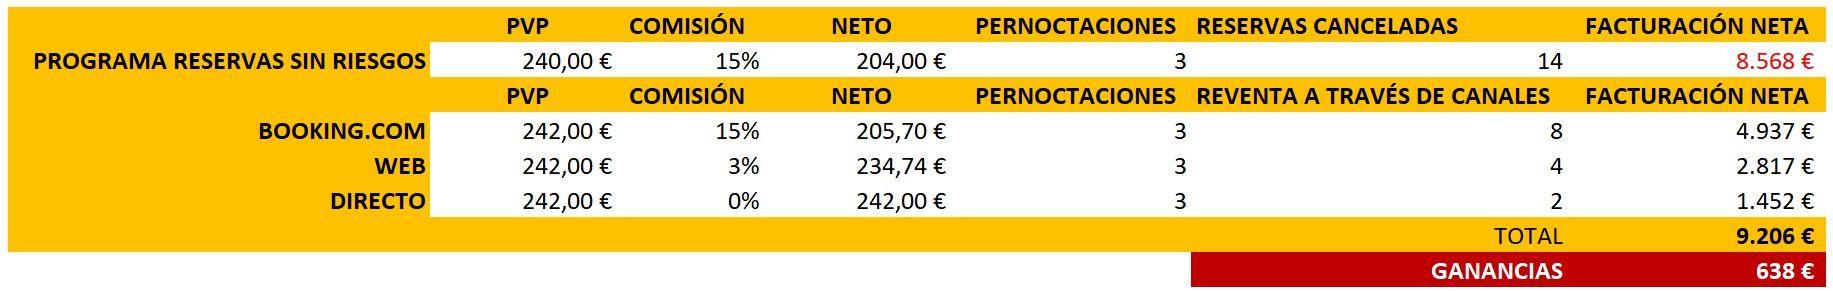 Reservas sin riesgo de Booking.com - pérdida control de cupo